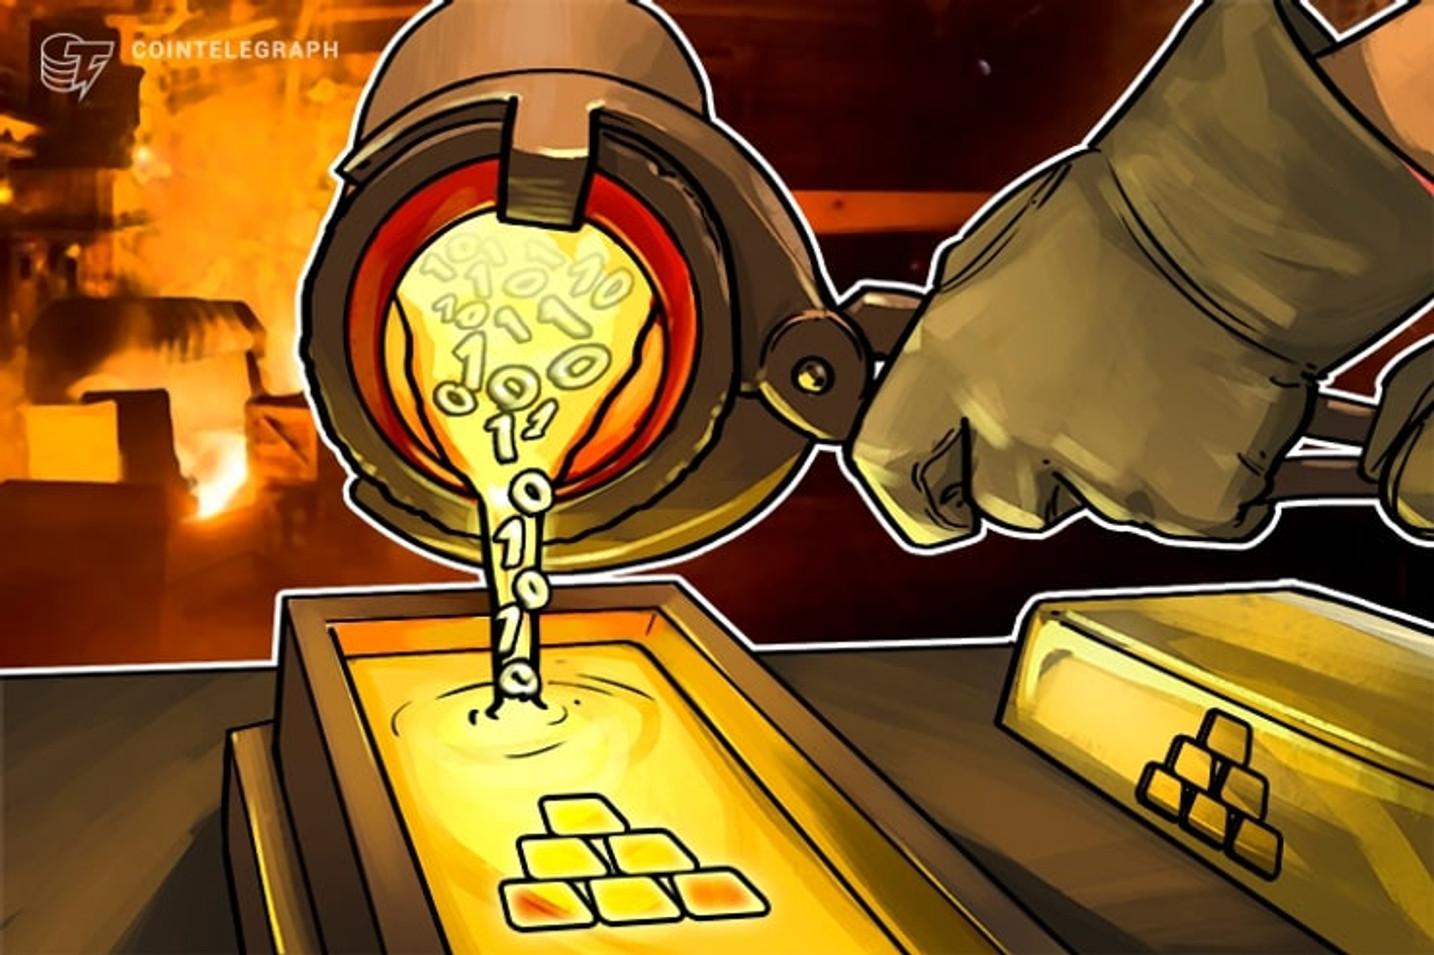 Precio del oro: ¿Qué está pasando realmente con el oro en estos momentos?